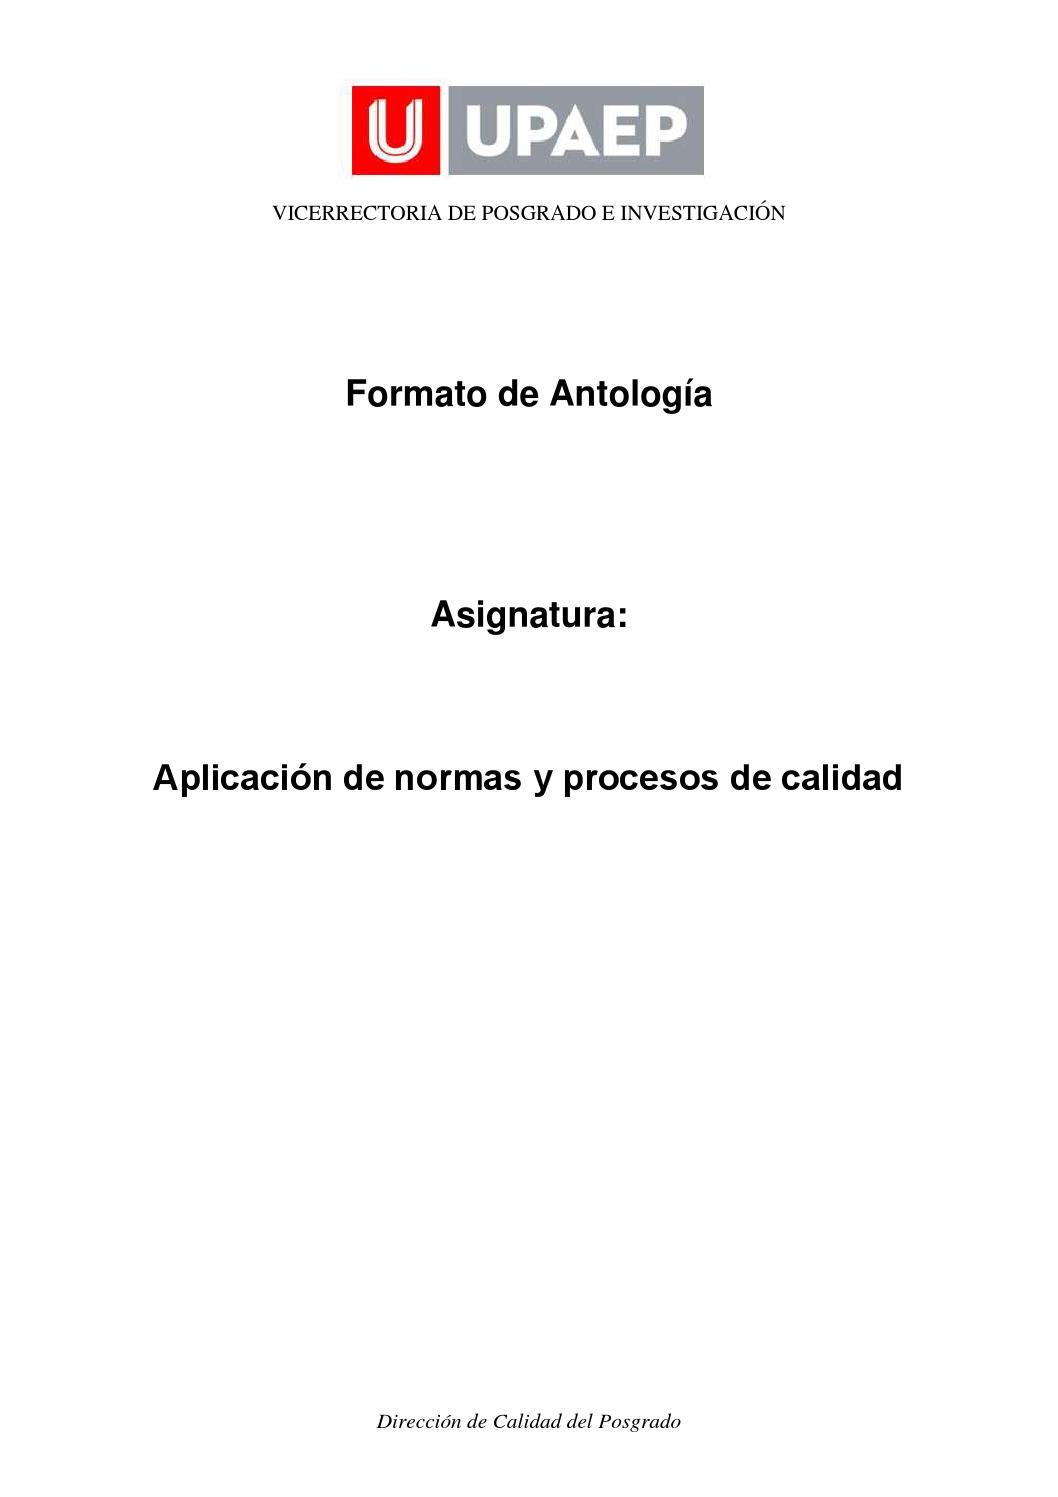 Antologia aplicacion de normas y procesos de calidad sin actividades ...